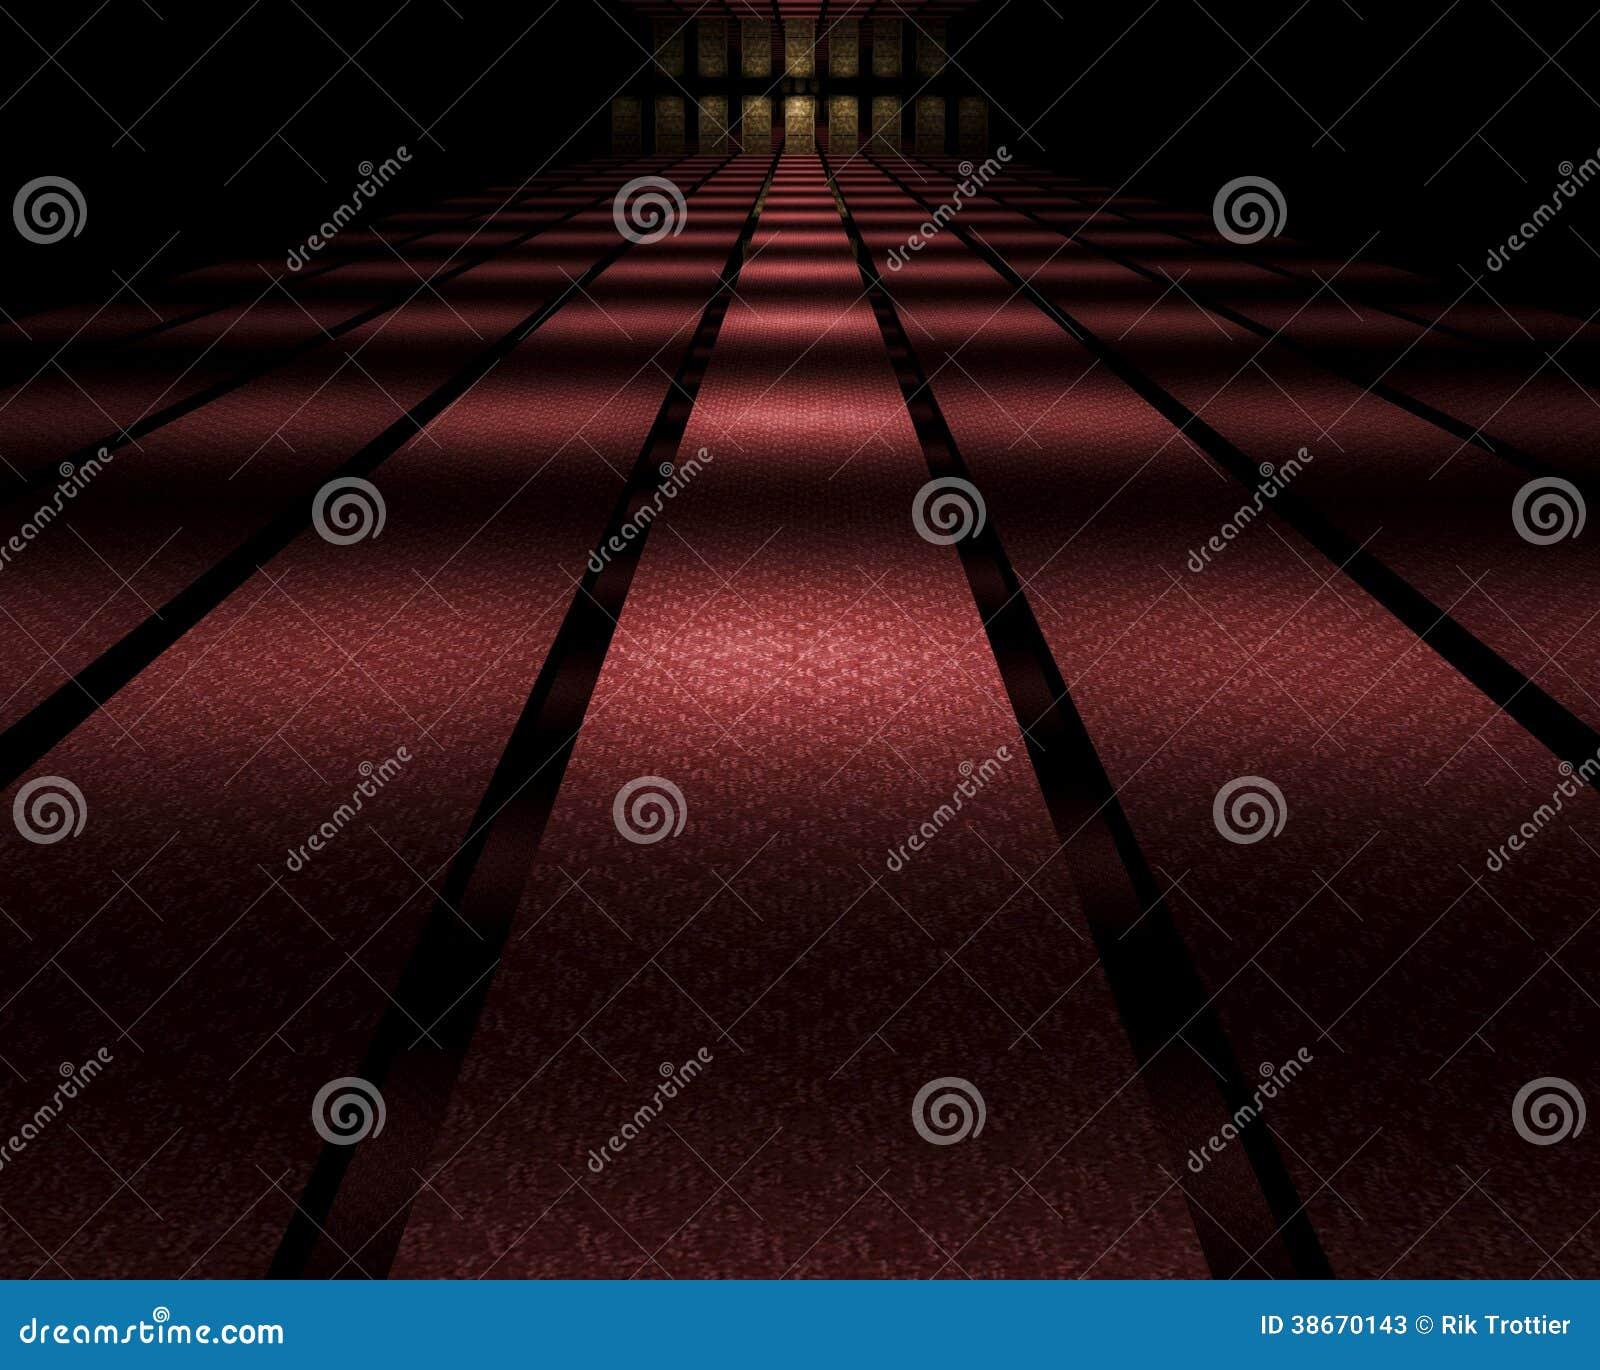 Dark mirrored hallway